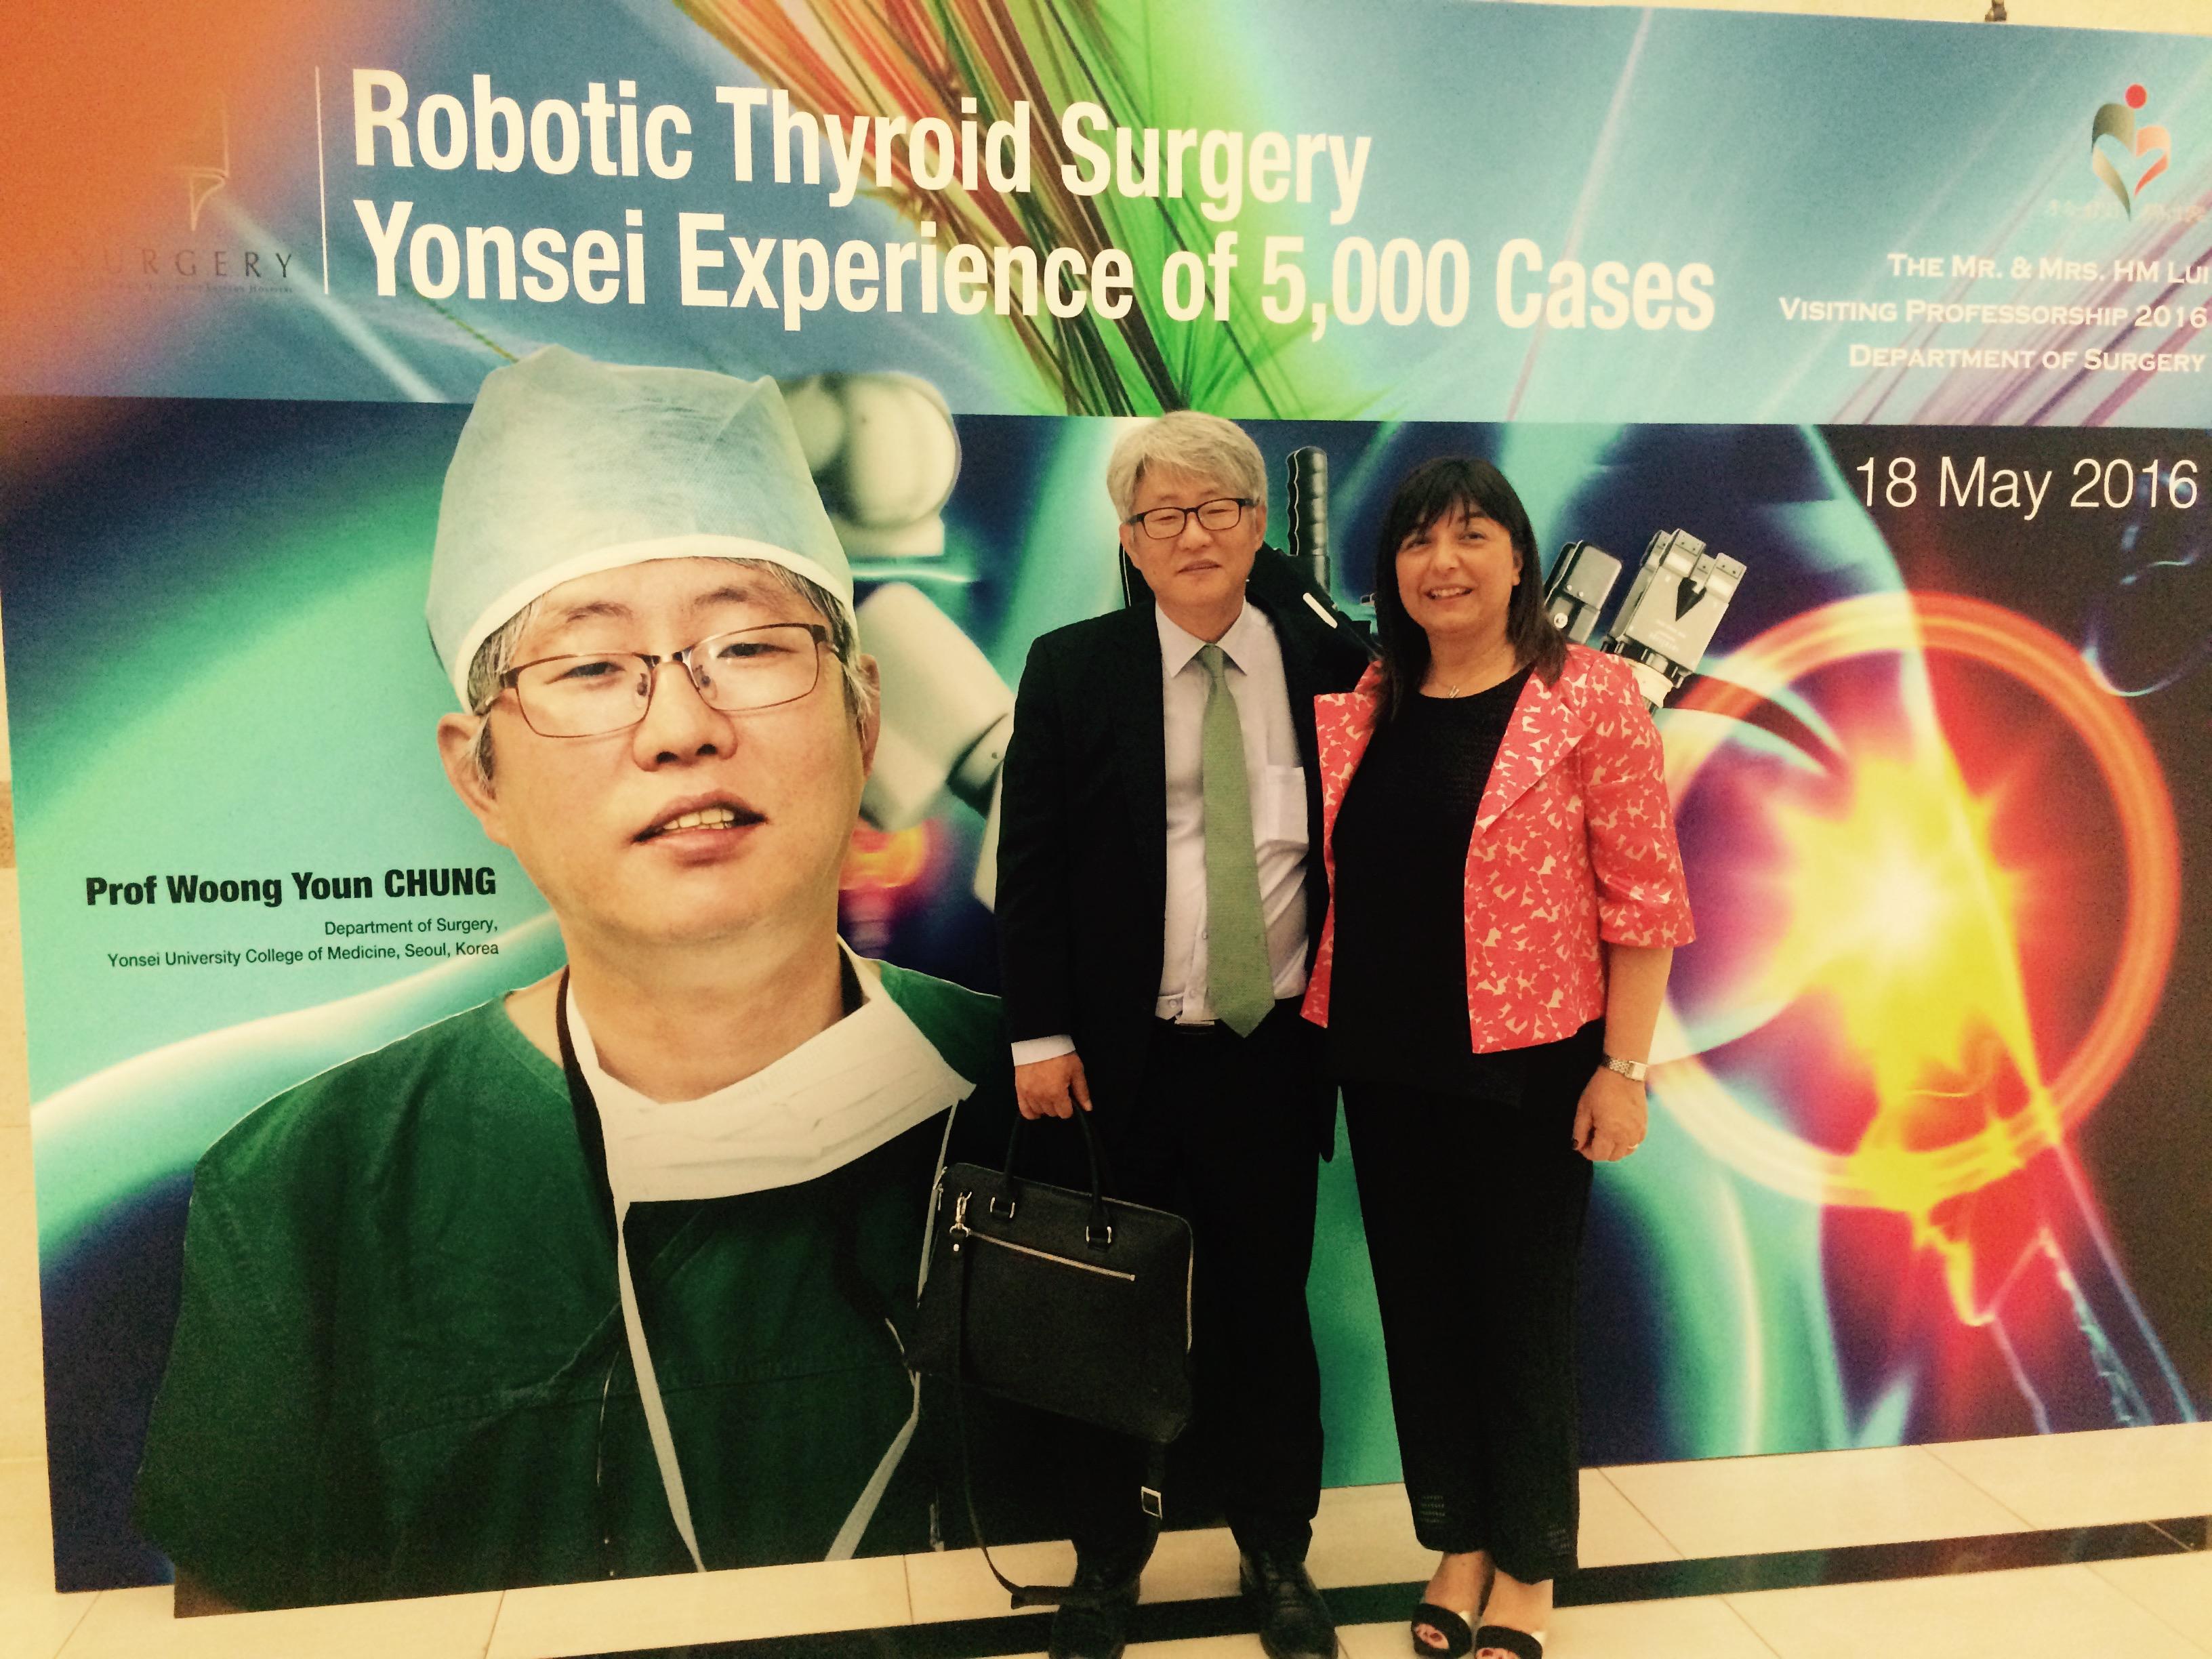 Dieci anni di chirurgia robotica tiroidea, il 10 settembre un webinar all'Ospedale Civile